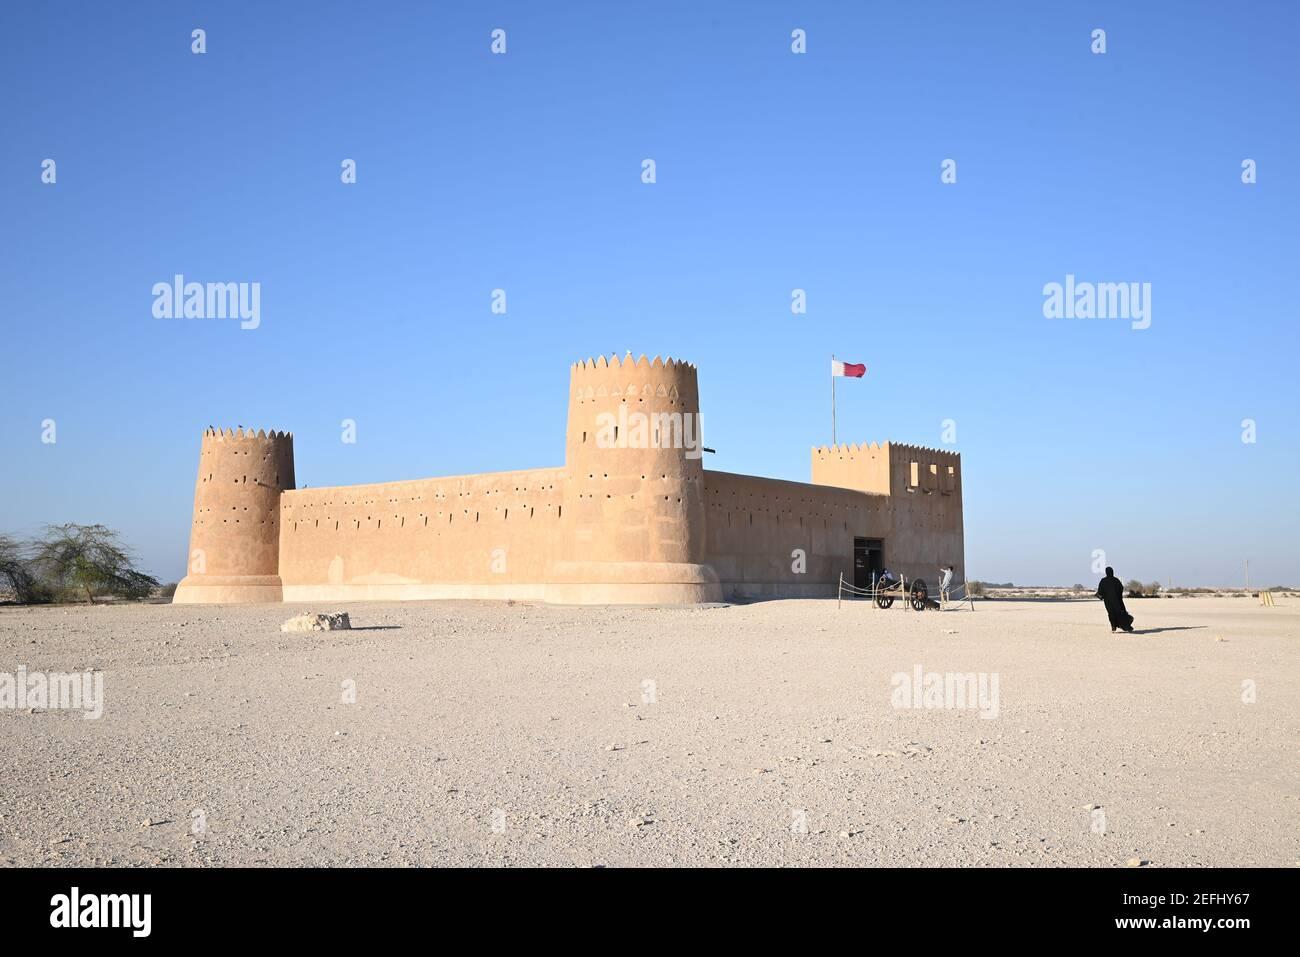 Vista del fuerte de al Zubara, una histórica fortaleza militar de Qatari que forma parte del sitio arqueológico de al Zubarah, declarado Patrimonio de la Humanidad por la UNESCO en Qatar. Foto de stock